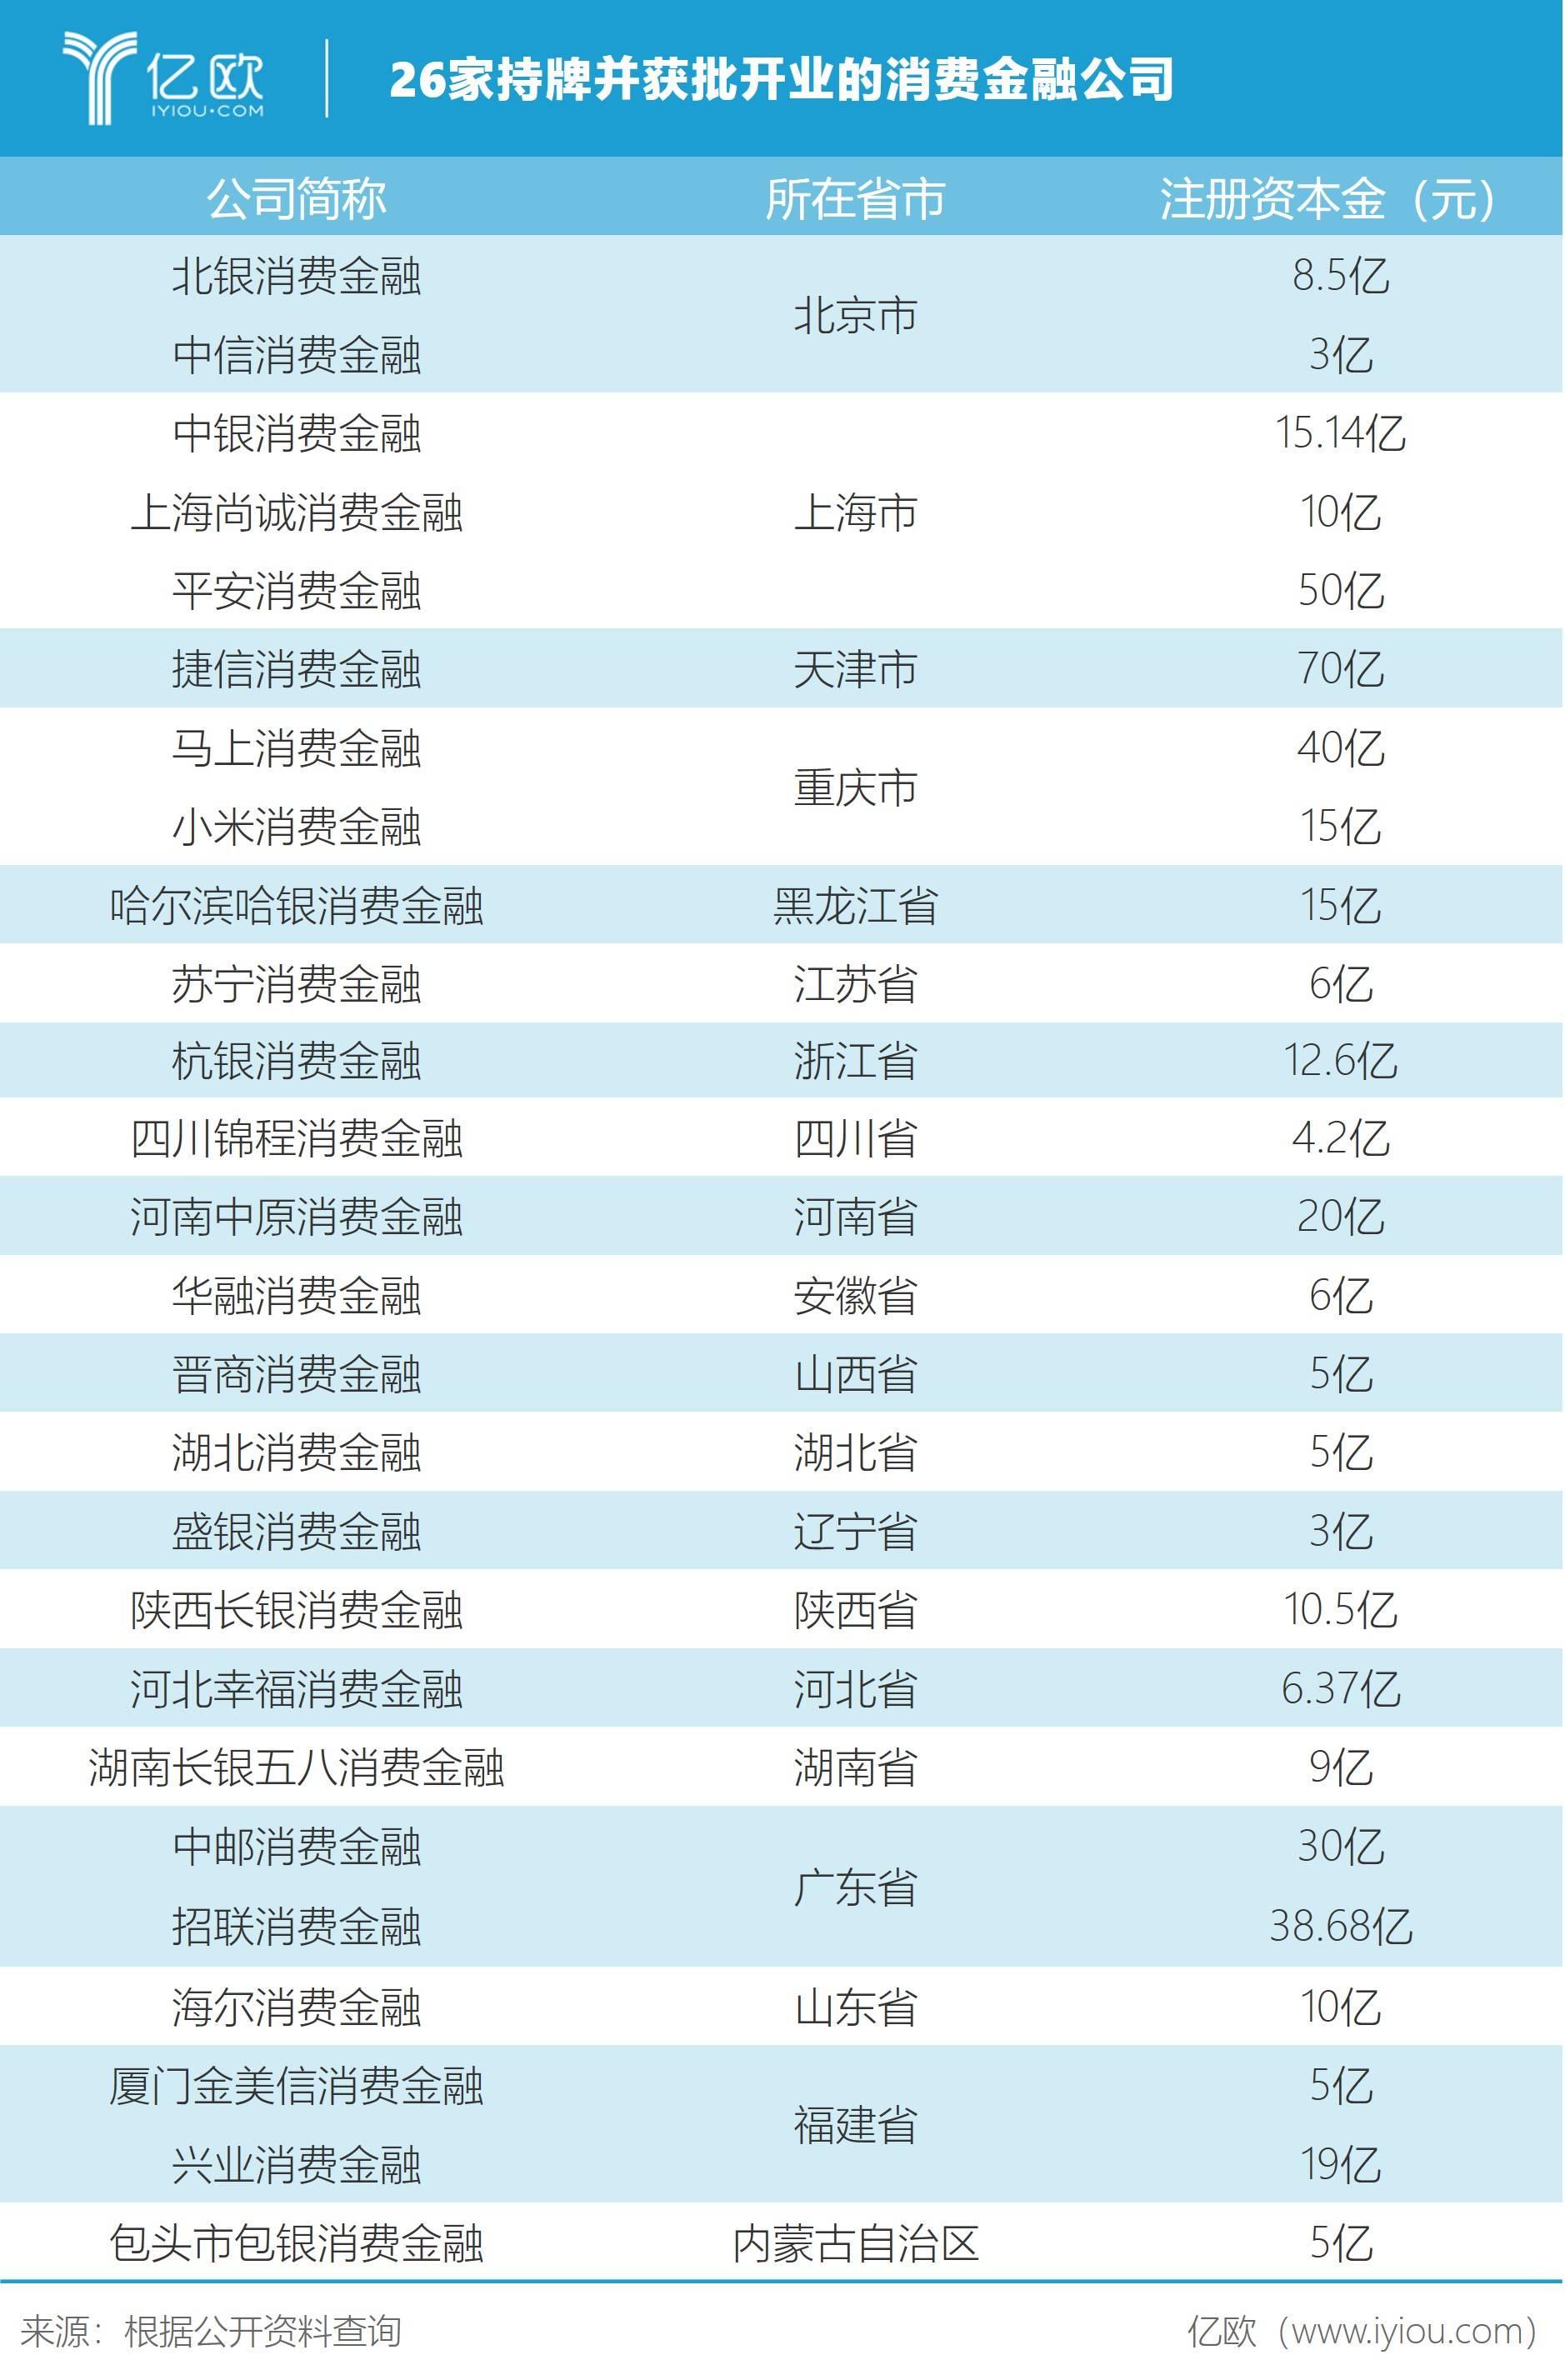 26家消费金融公司